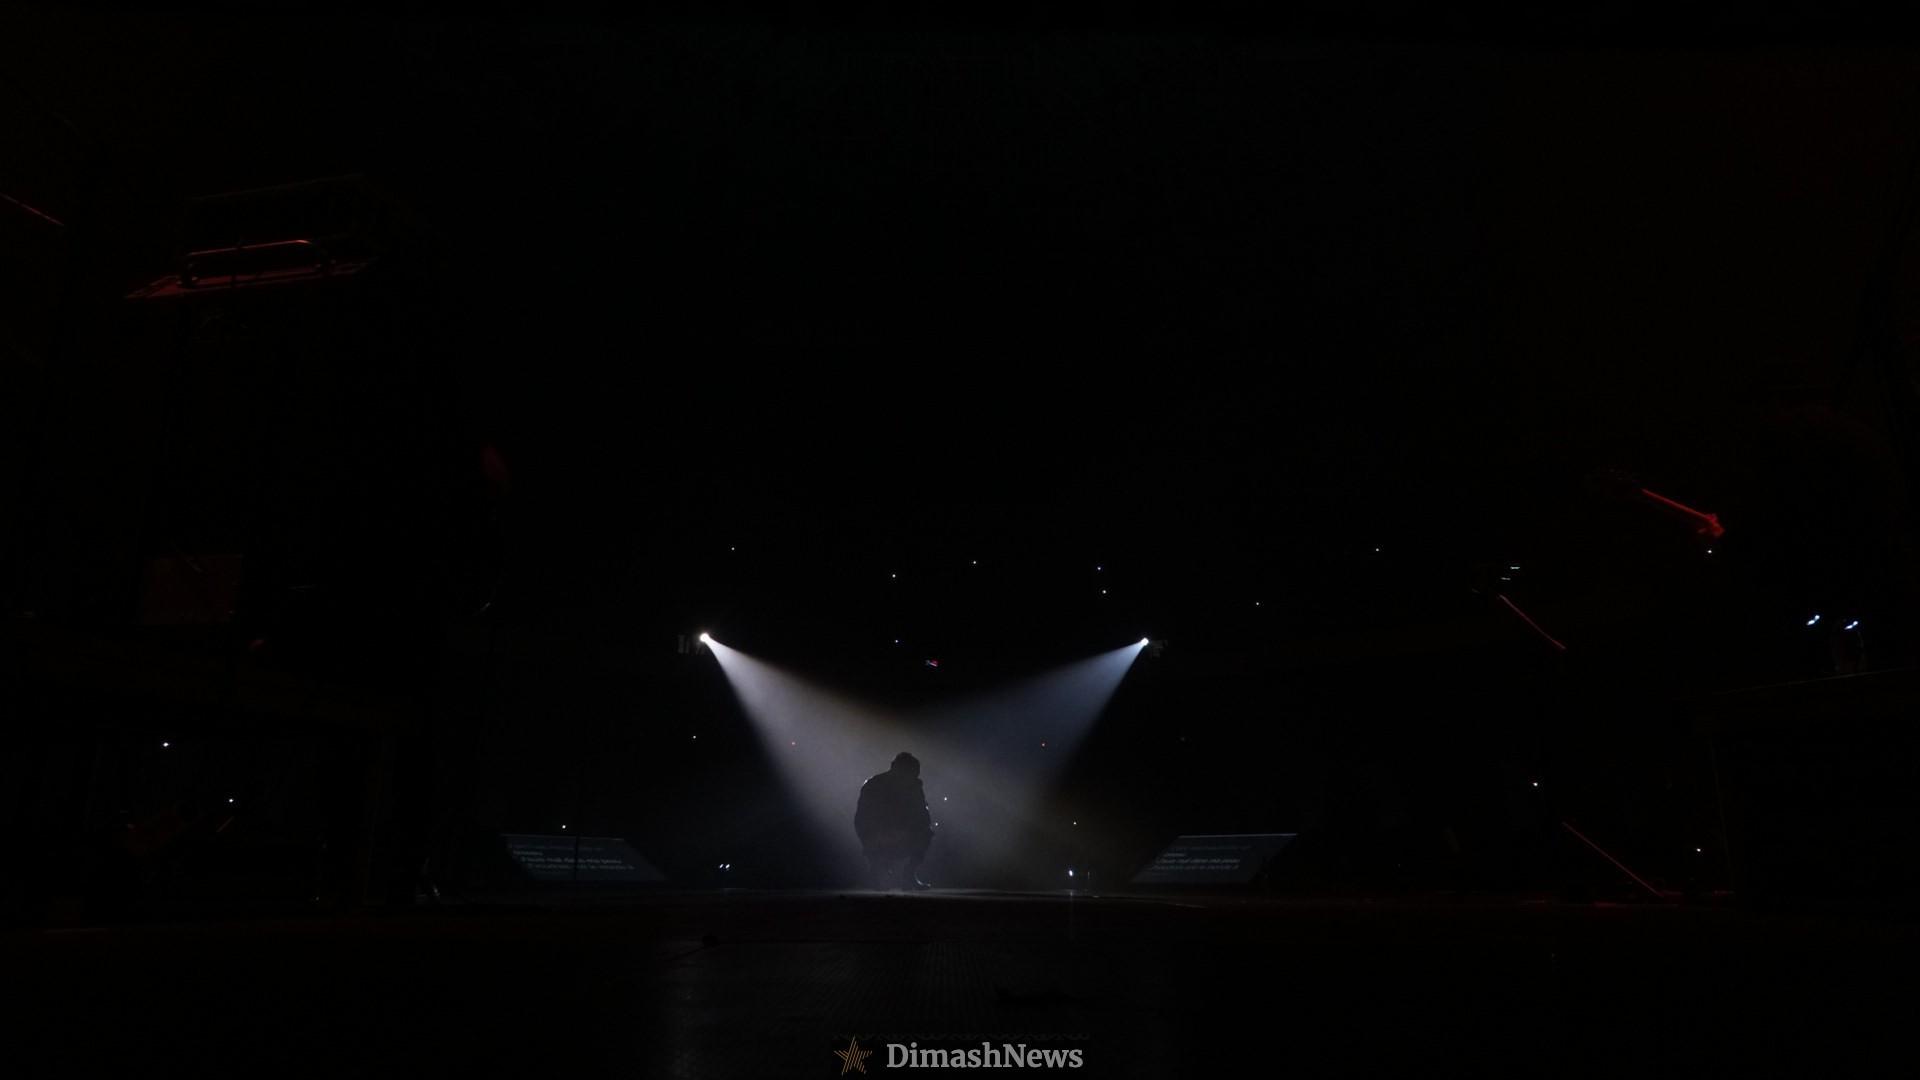 С полным аншлагом прошел концерт Димаша Кудайбергена в Краснодаре